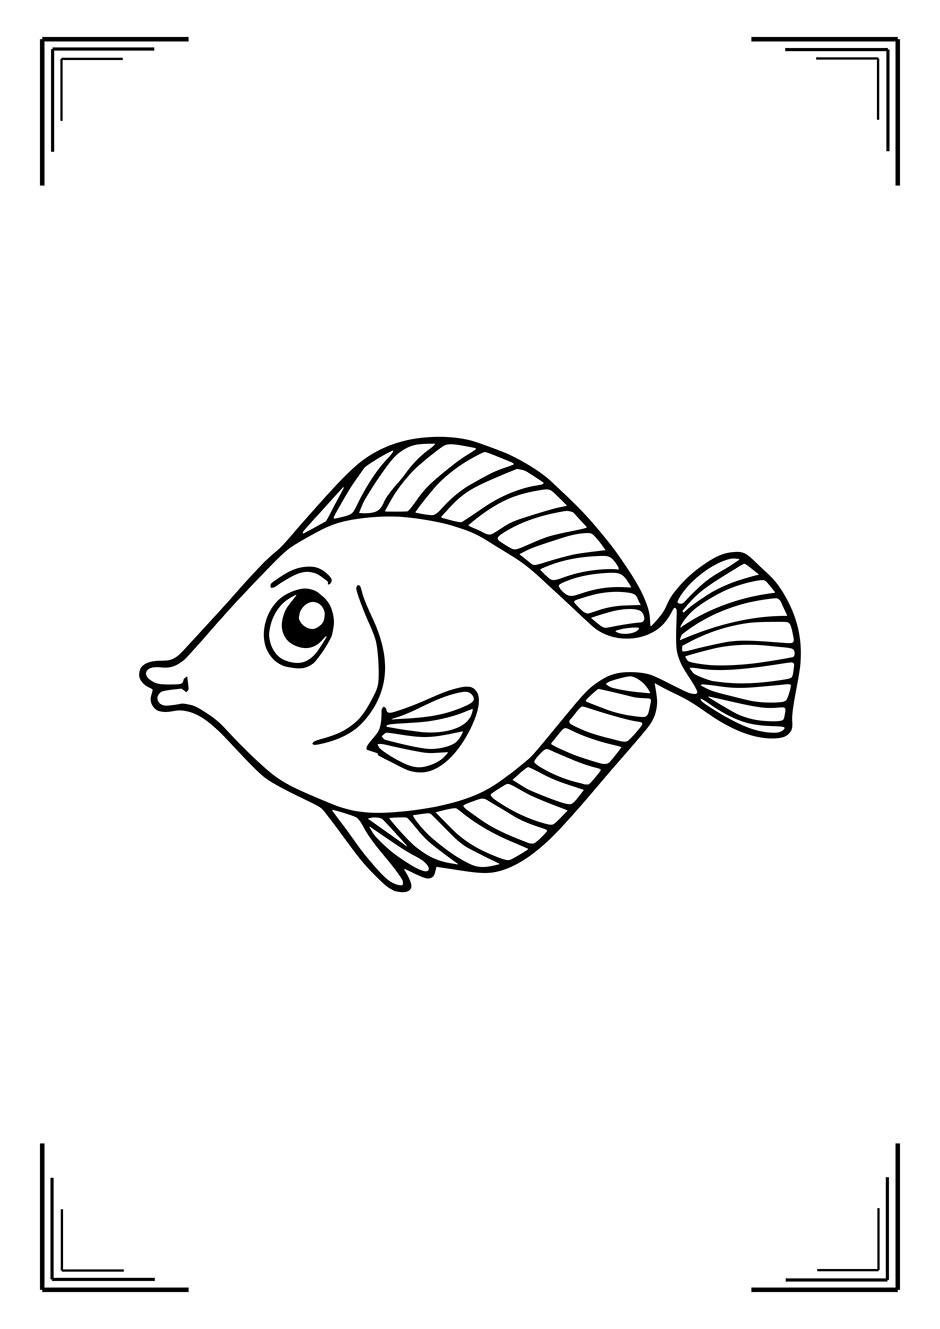 Раскраска: рыбка с вытянутыми губами — raskraski-a4.ru